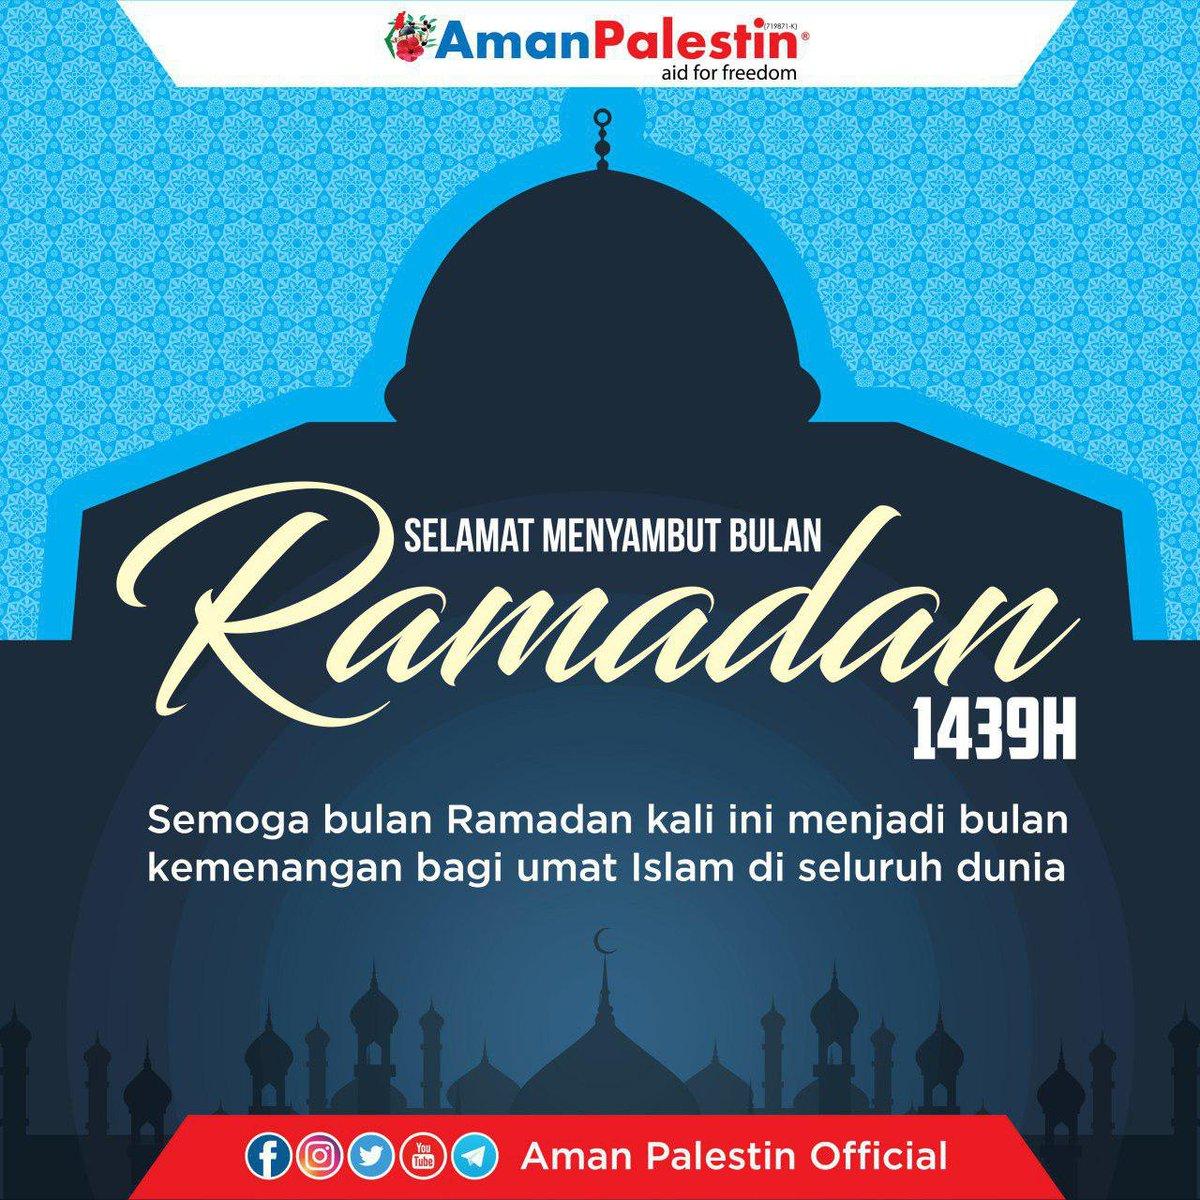 Ya Allah, jadikanlah bulan Ramadan ini bulan kemuliaan bagi kami, agar kami menjalaninya dengan penuh kedamaian, keimanan dan ketakwaan. Semoga ibadah puasa kami tidak sia-sia dan diterima oleh-Mu. Ya Allah, jadikanlah bulan ini bulan kemenangan bagi umat Islam. Salam Ramadan.